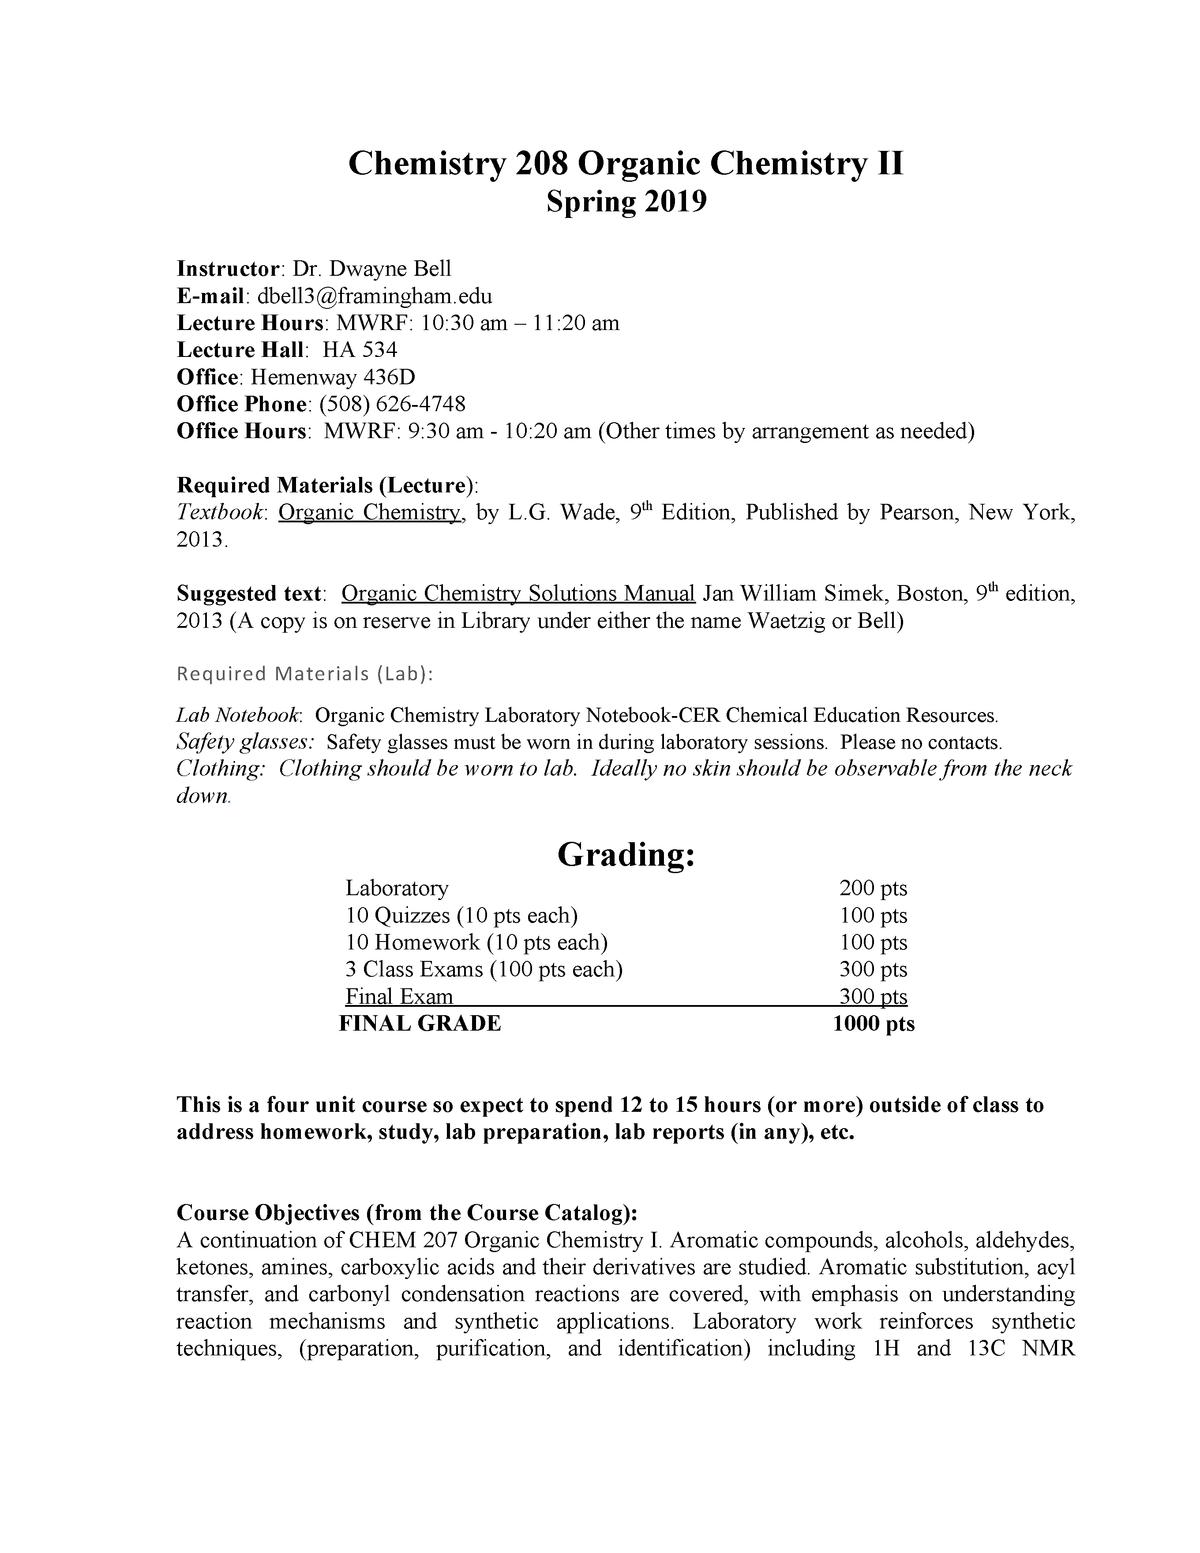 Chem 208 syllabus - Chem 208: Organic Chemistry II - StuDocu